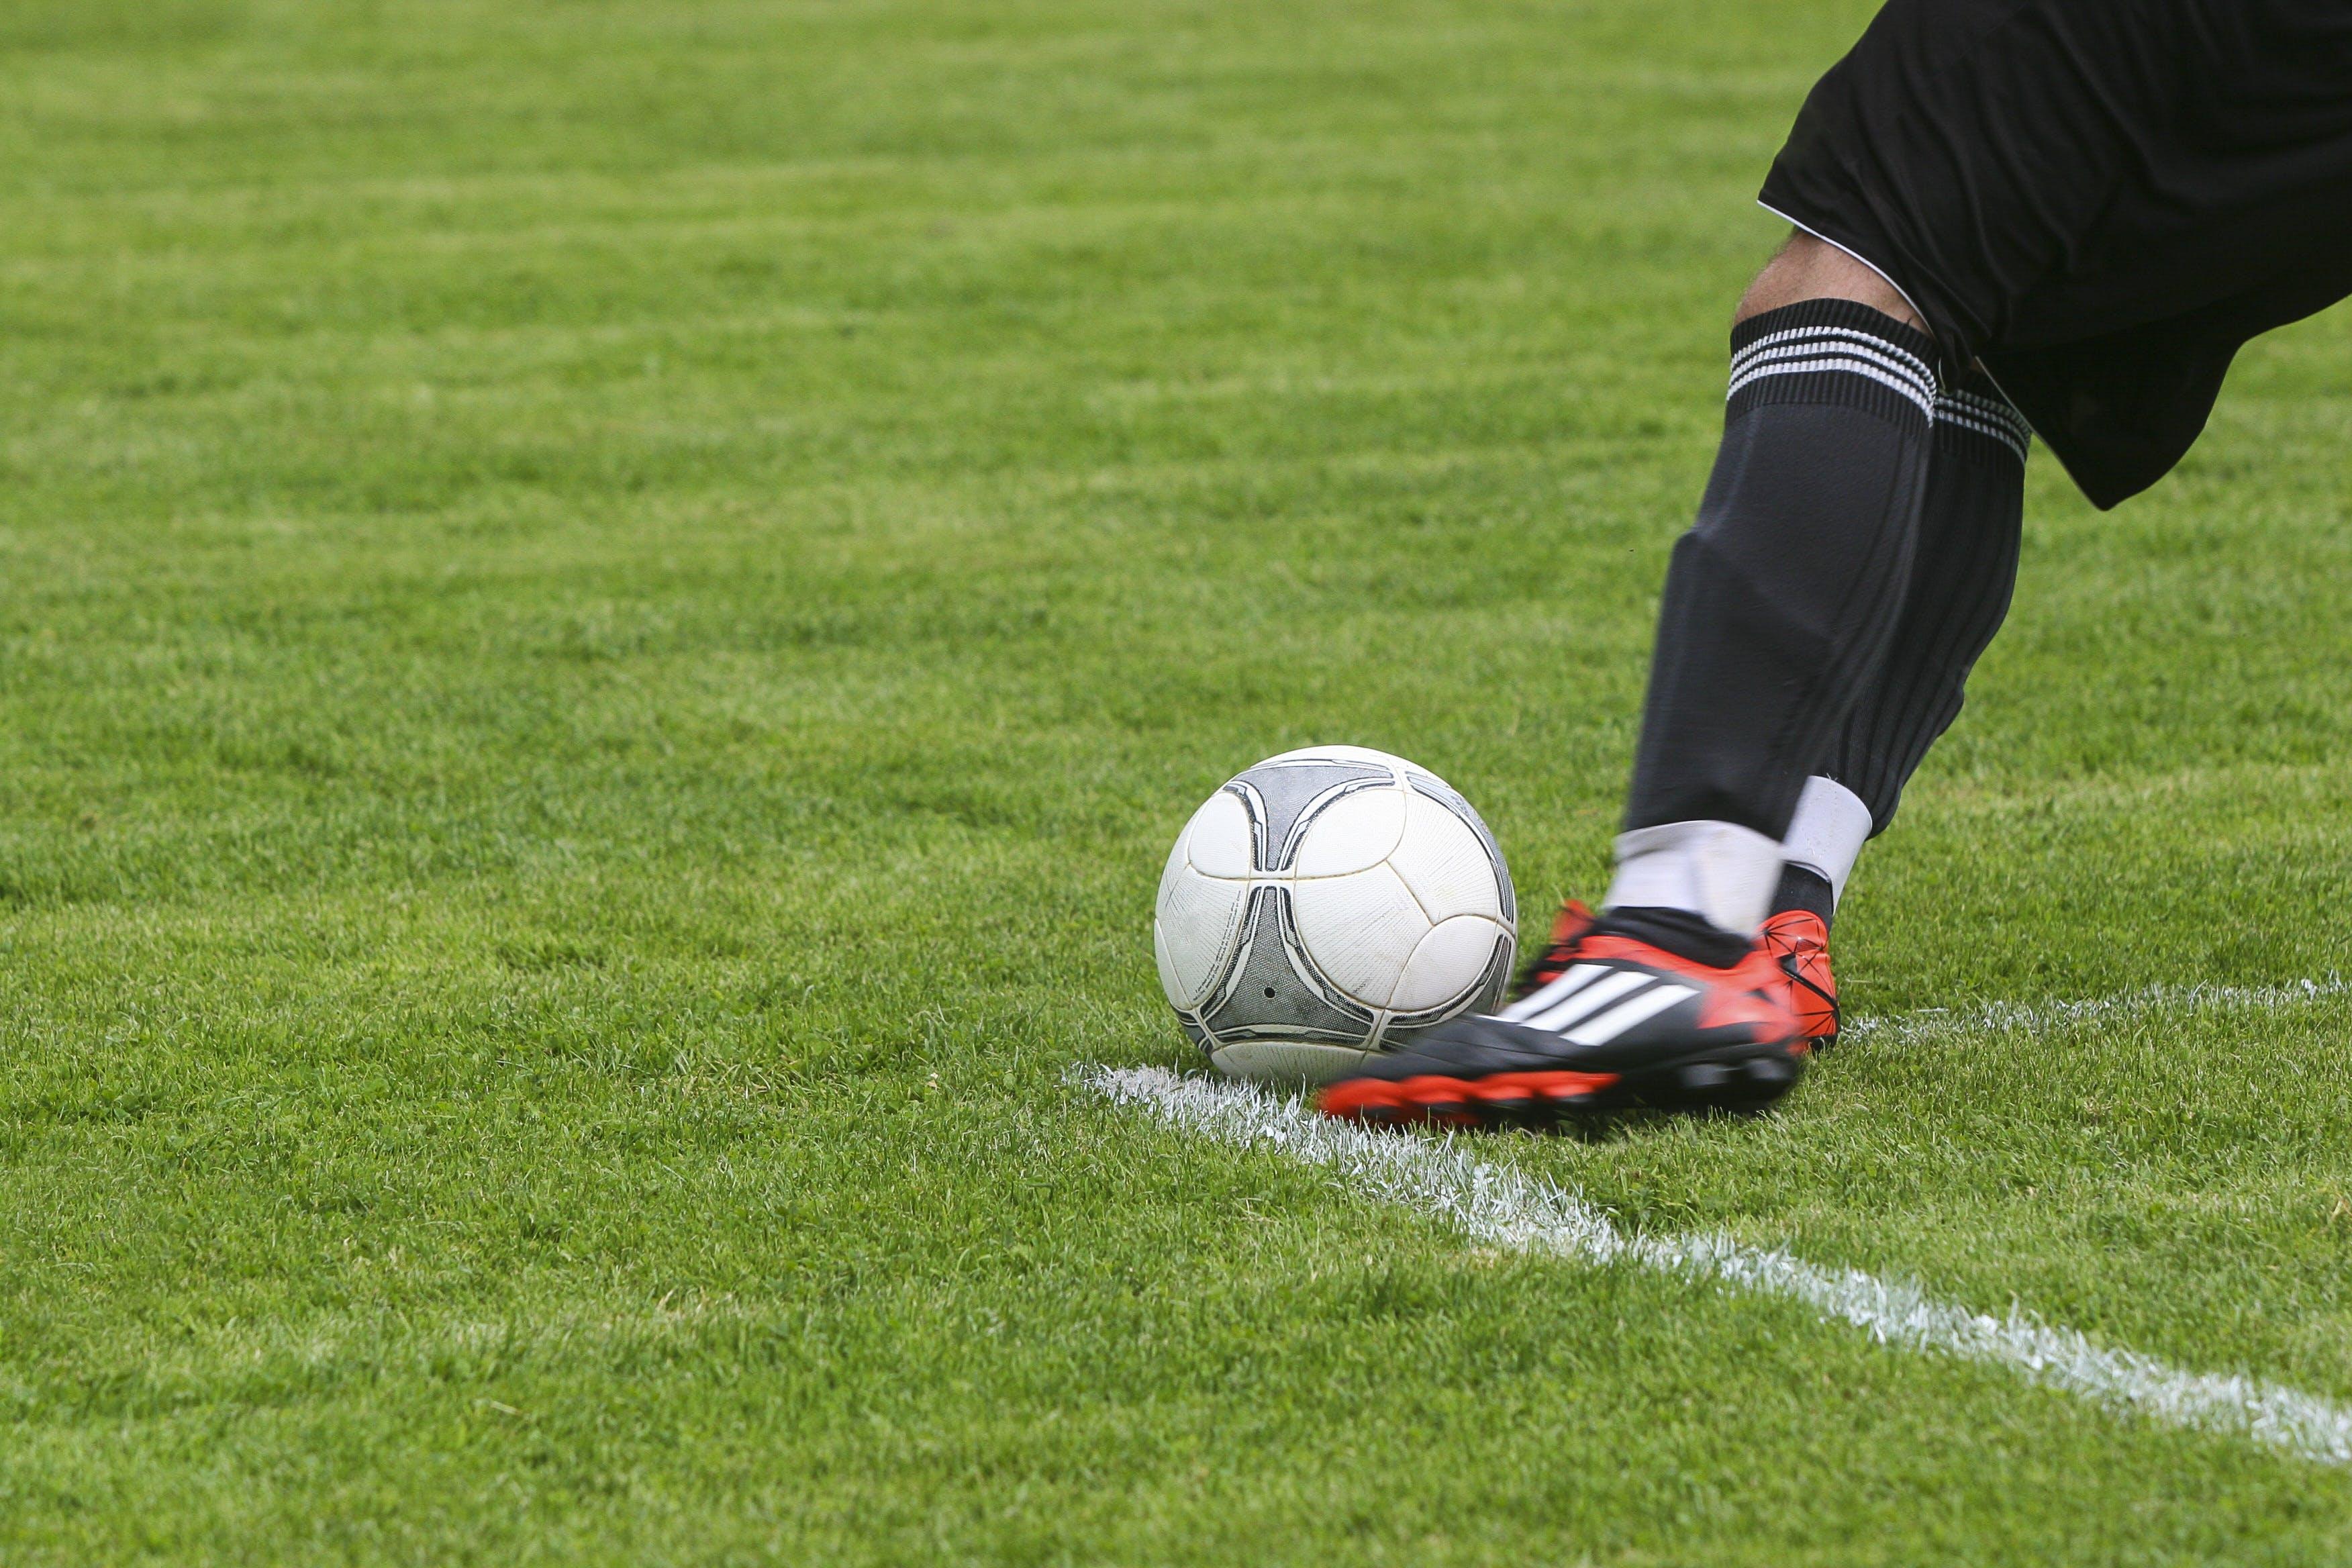 Gratis stockfoto met activiteit, bal, benen, bordspel